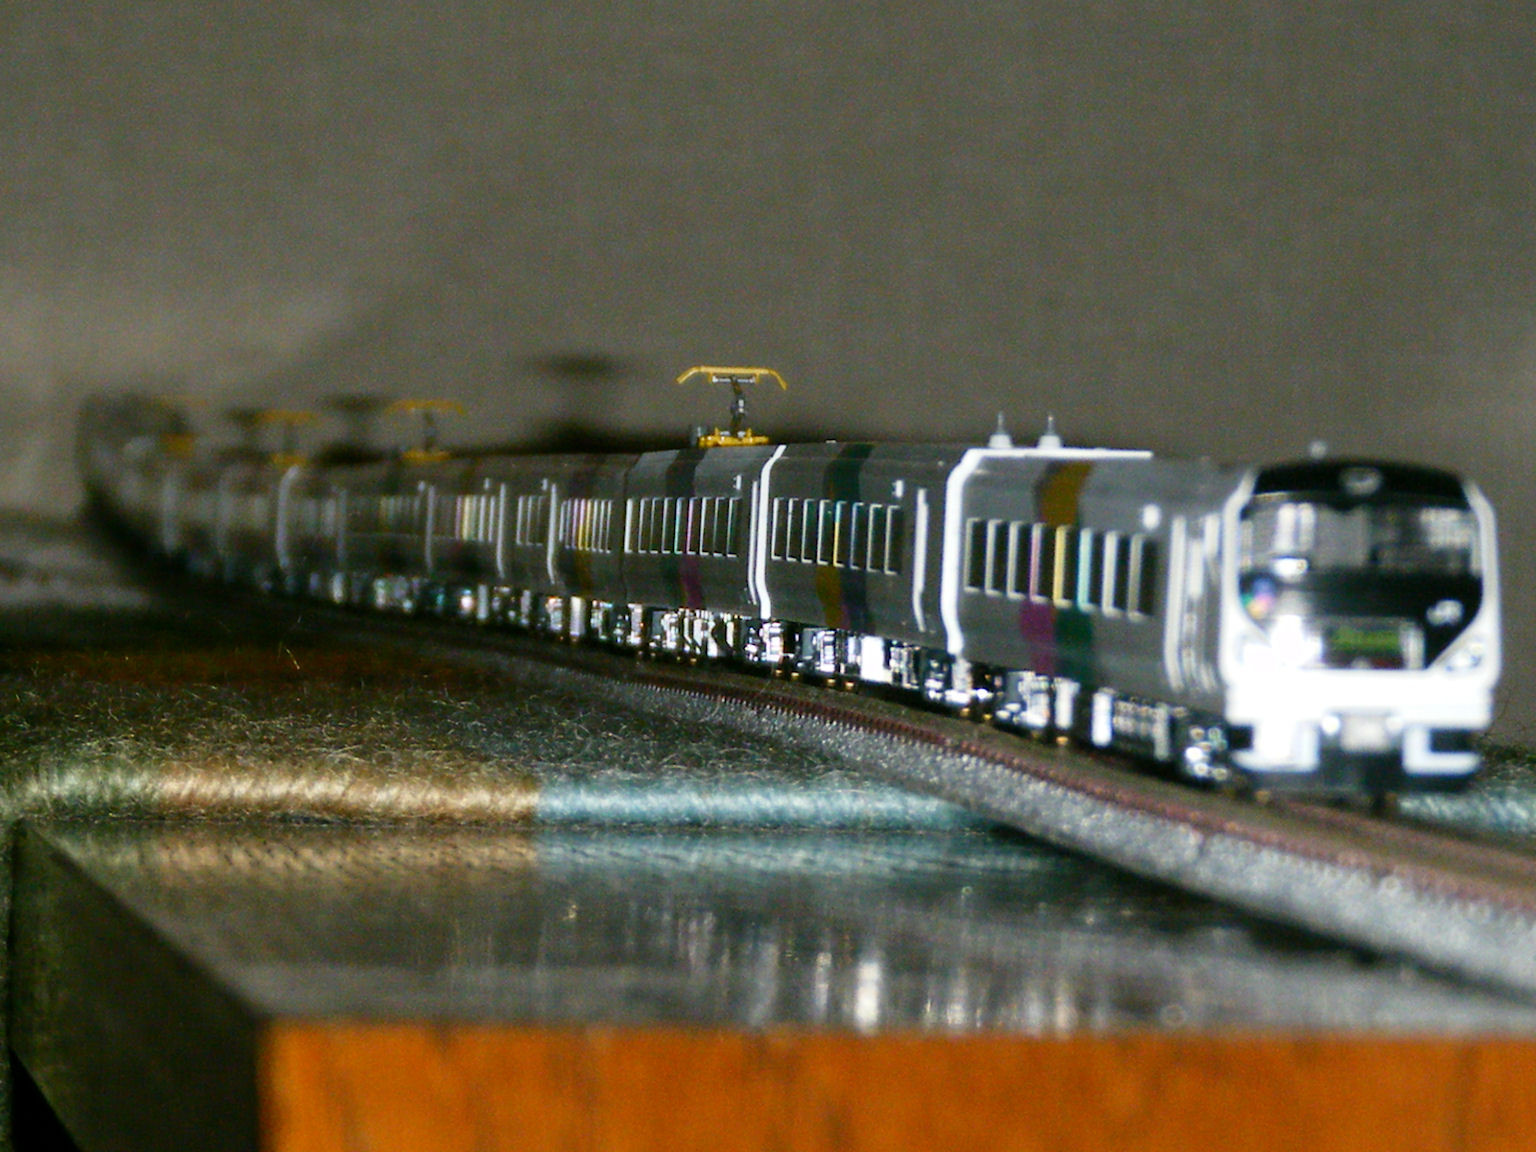 Dscf1976